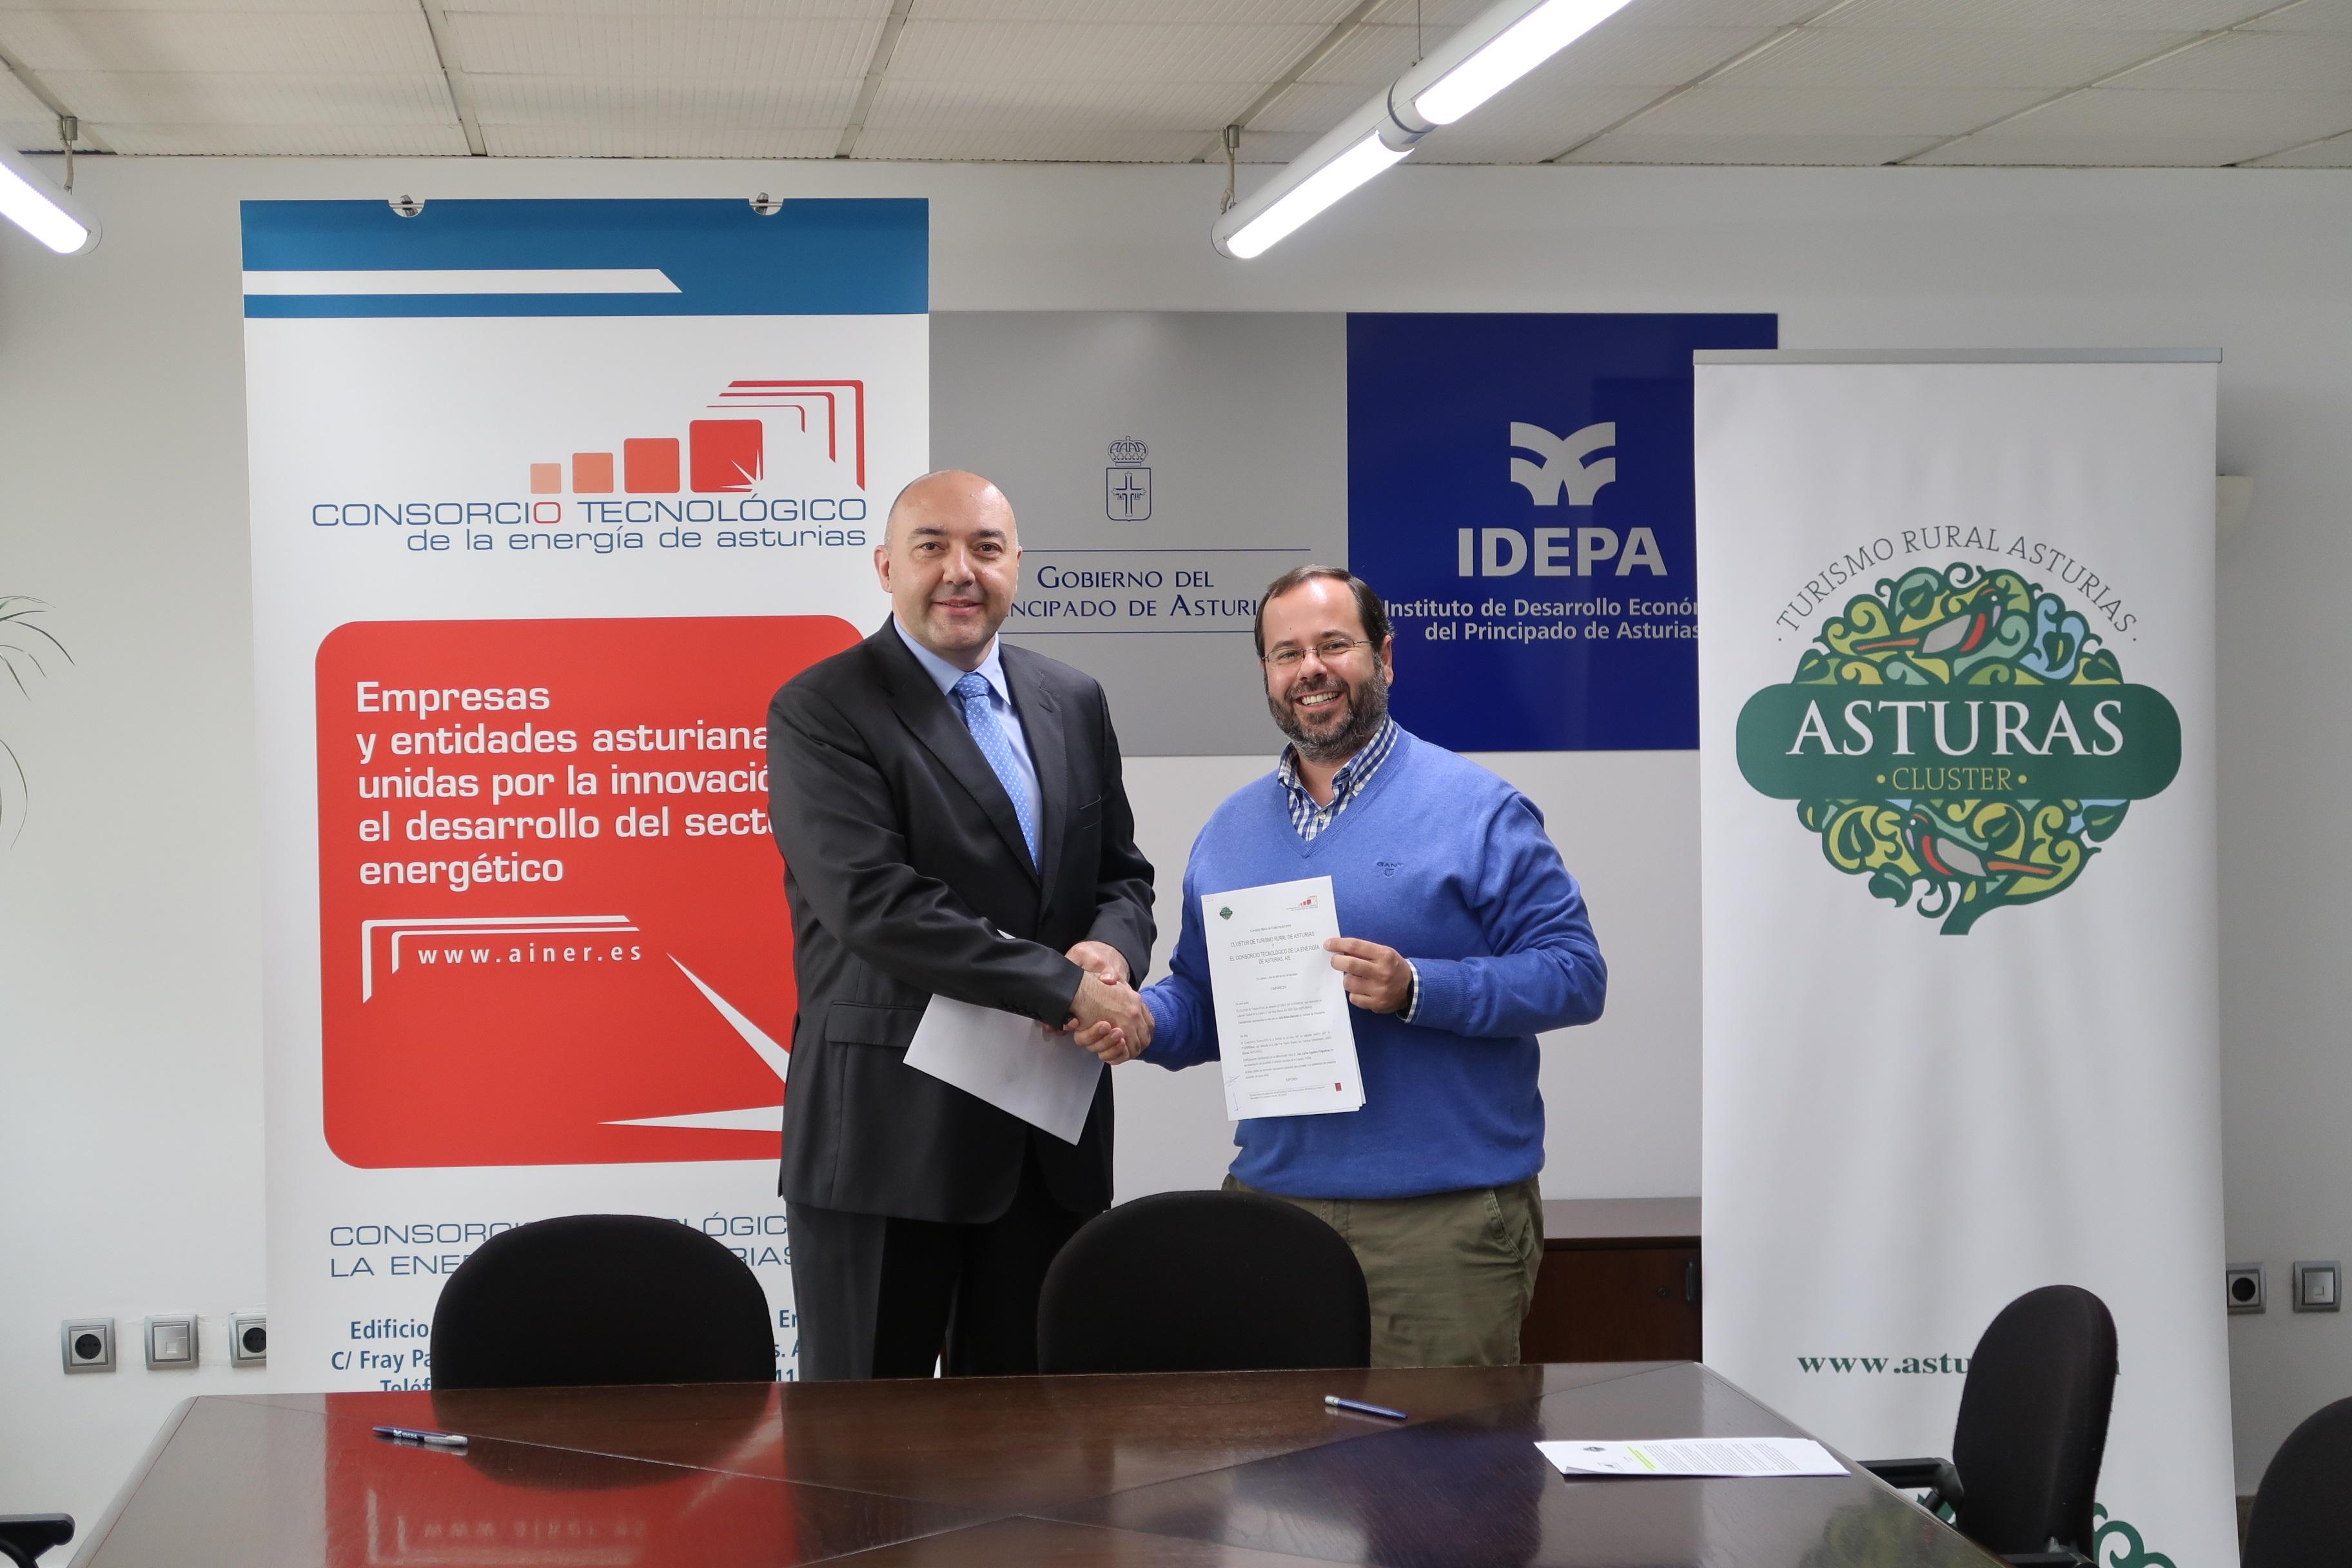 Firmado acuerdo de colaboración con el clúster de Energía